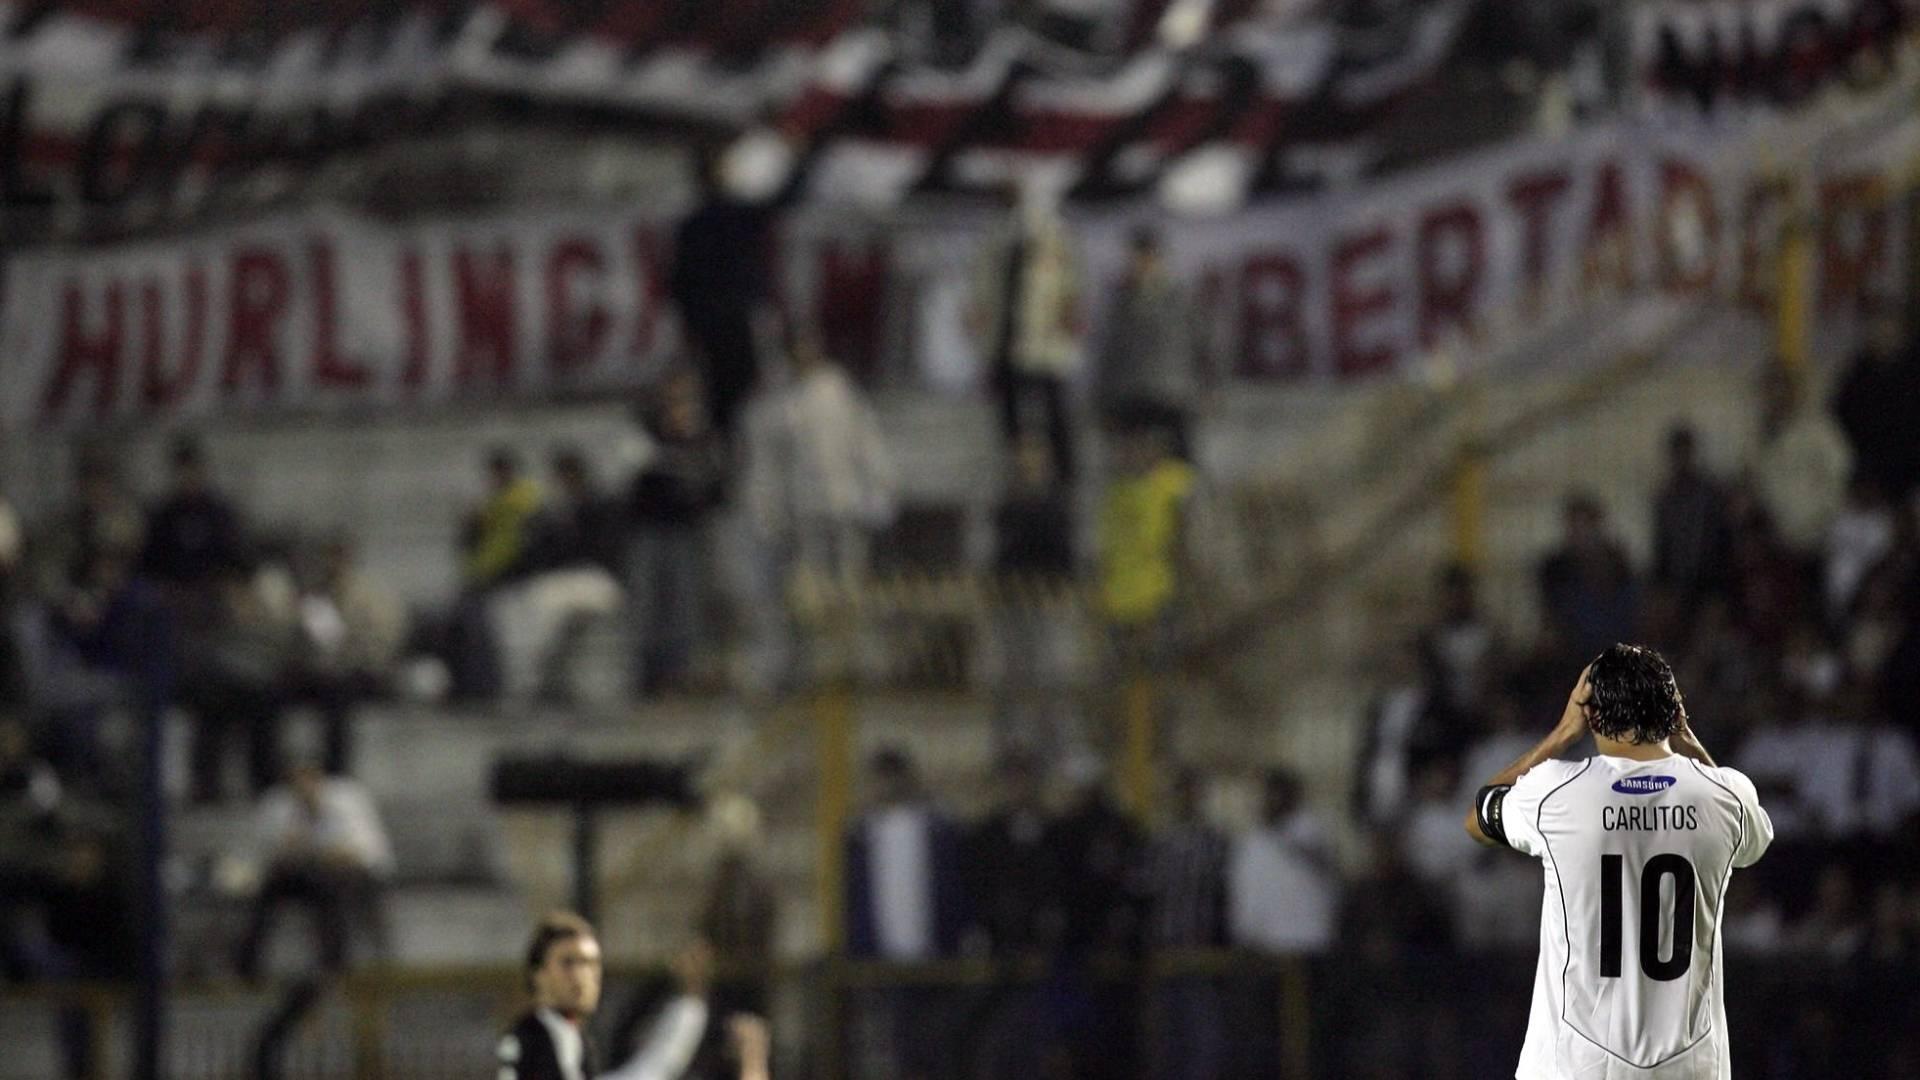 Carlitos lamenta derrota contra o River Plate em jogo que eliminou o Corinthians da Libertadores de 2006